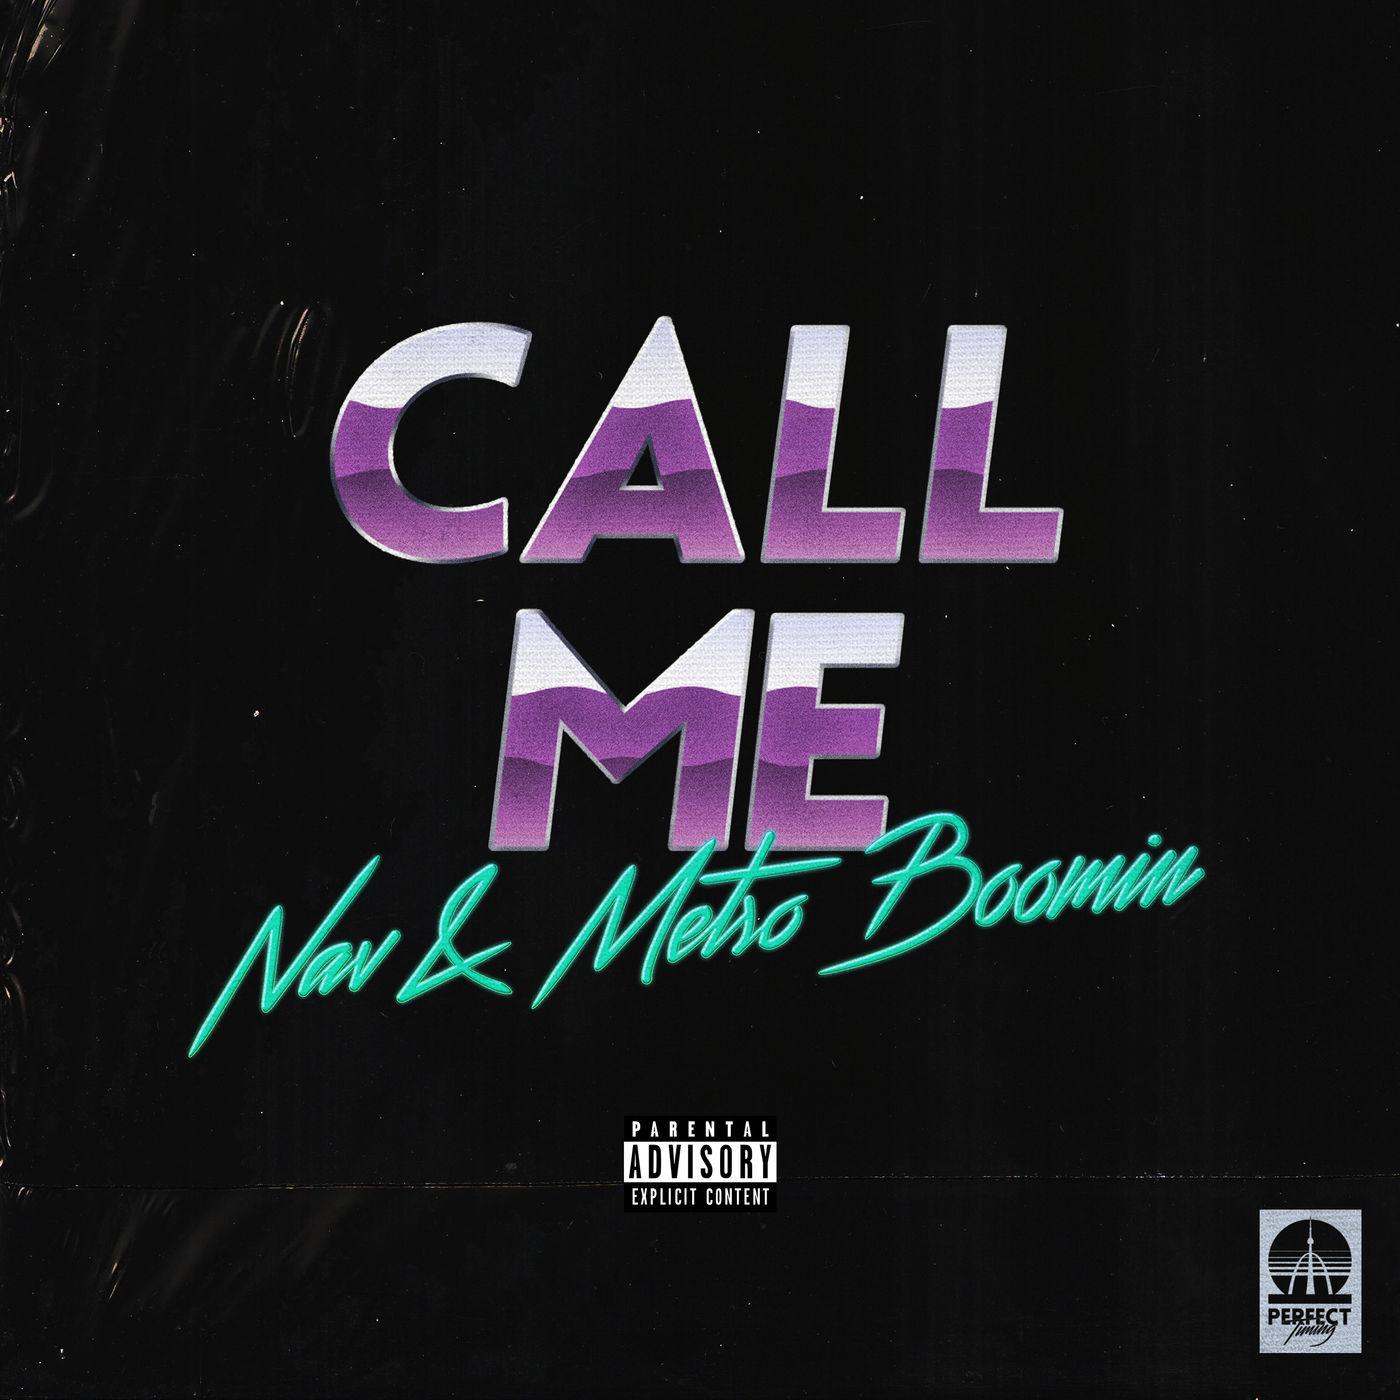 NAV & Metro Boomin - Call Me - Single Cover